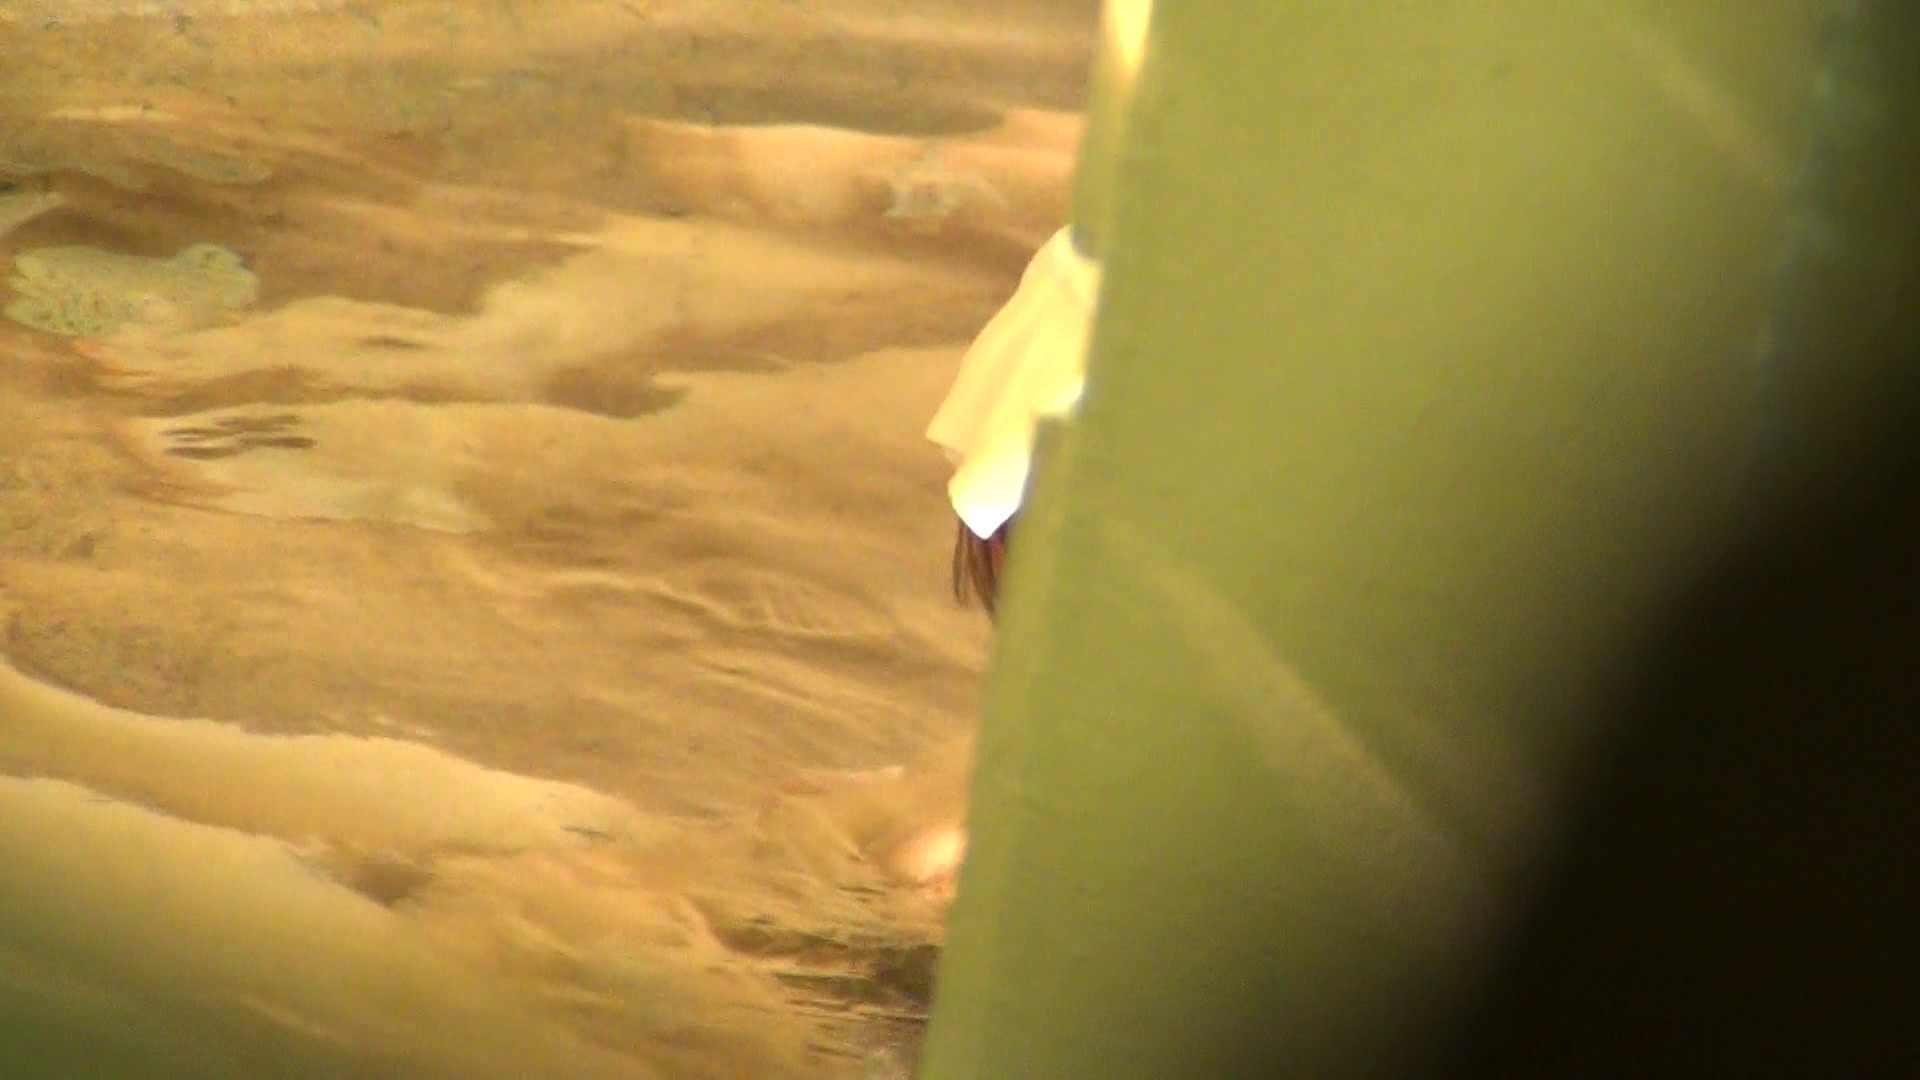 Aquaな露天風呂Vol.284 盗撮師作品   美しいOLの裸体  83pic 73